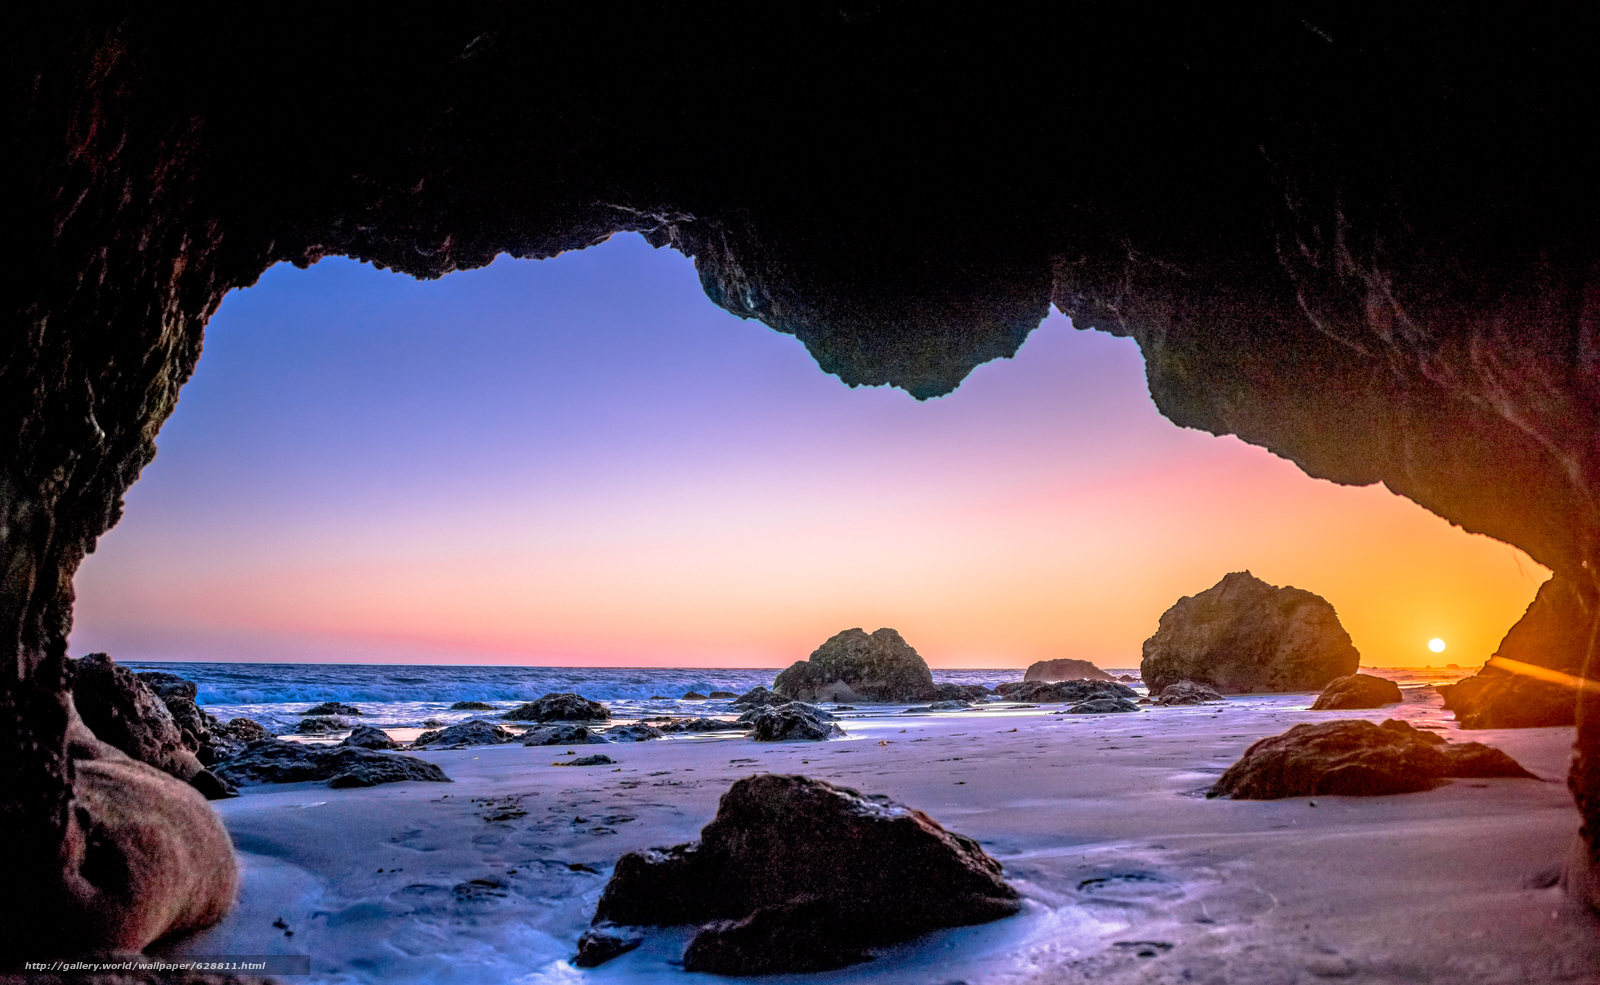 закат, море, Sunset, скалы, Malibu, арка, пейзаж